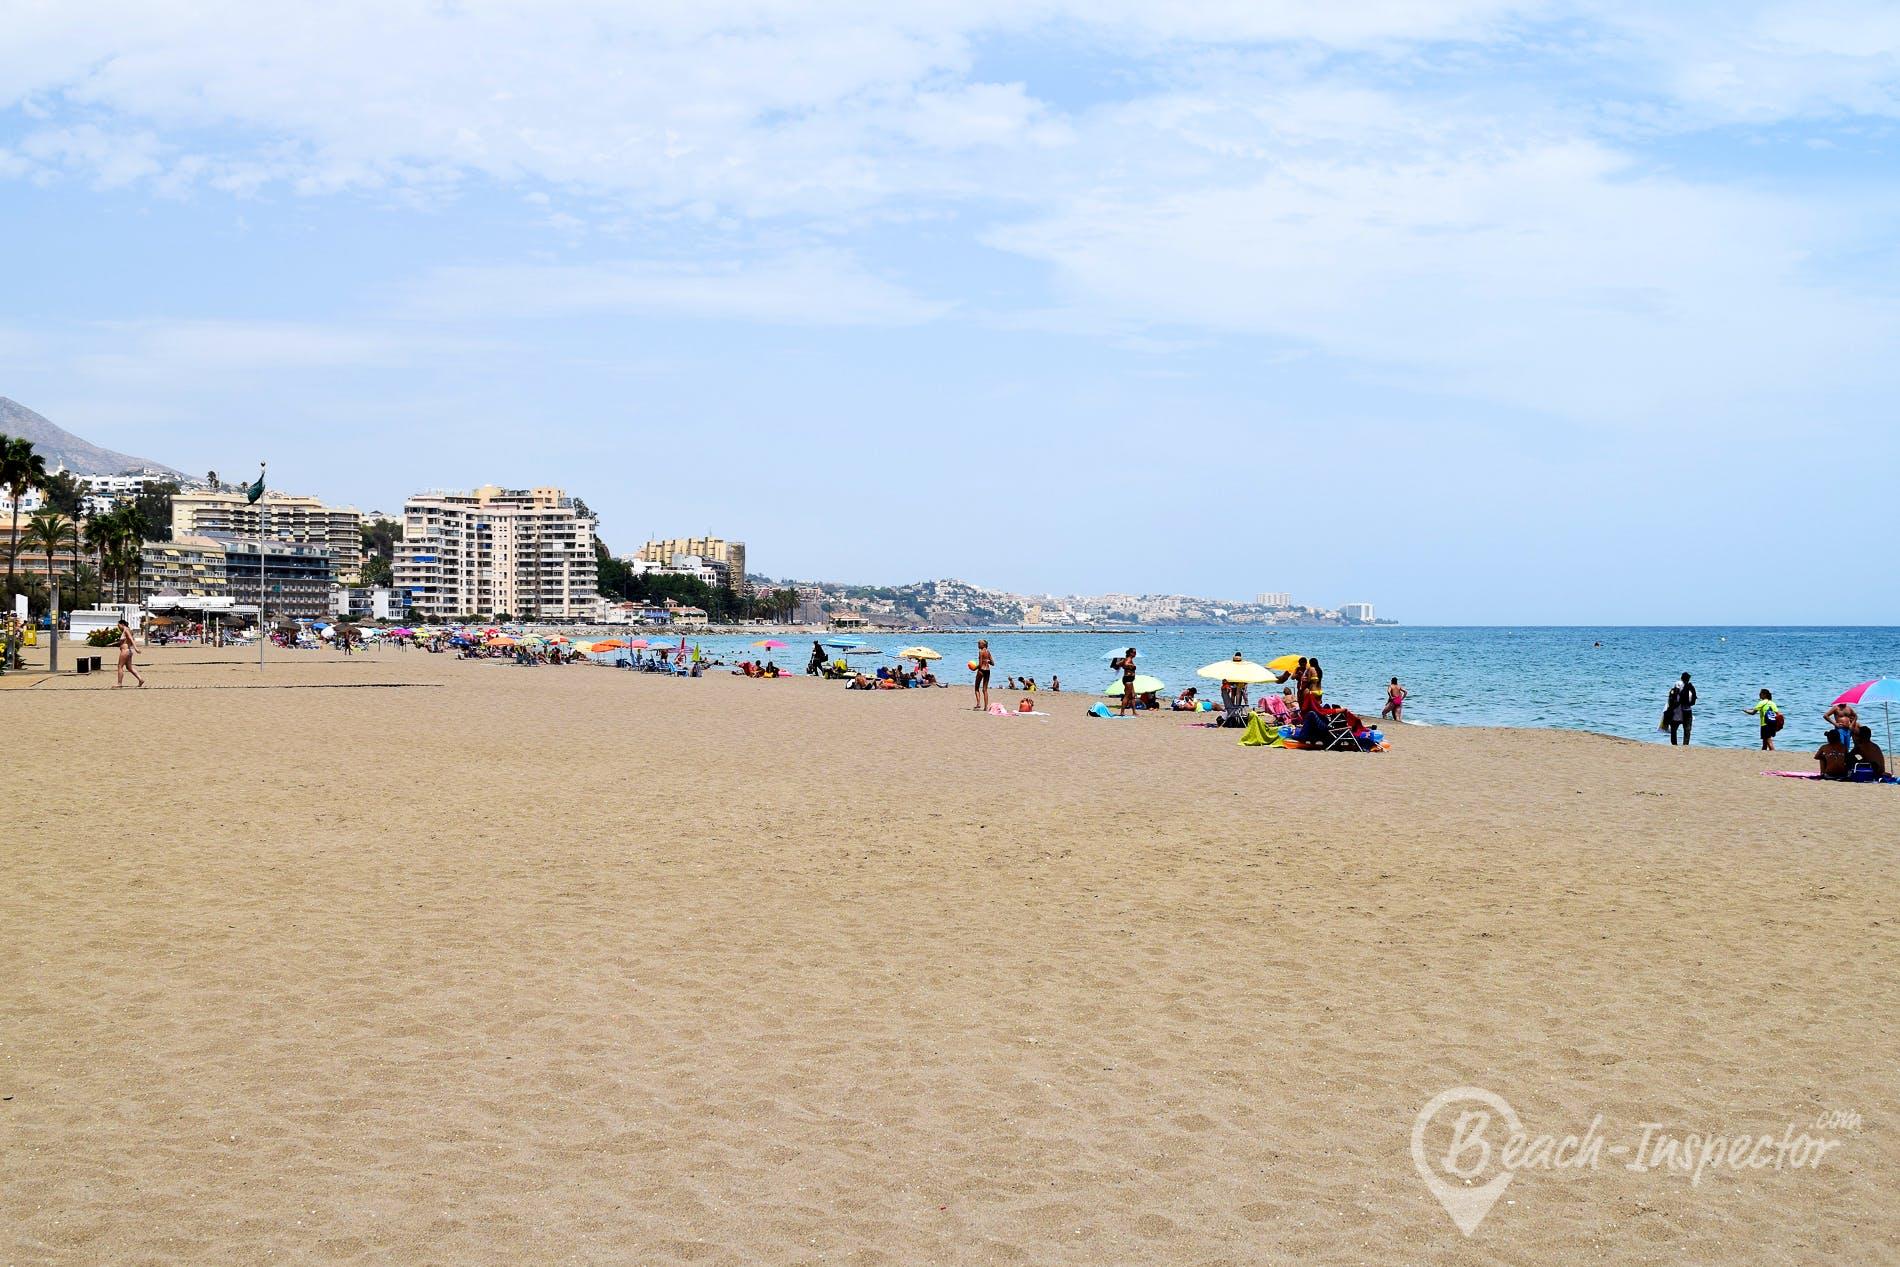 Beach Playa de Torreblanca, Costa del Sol, Spain